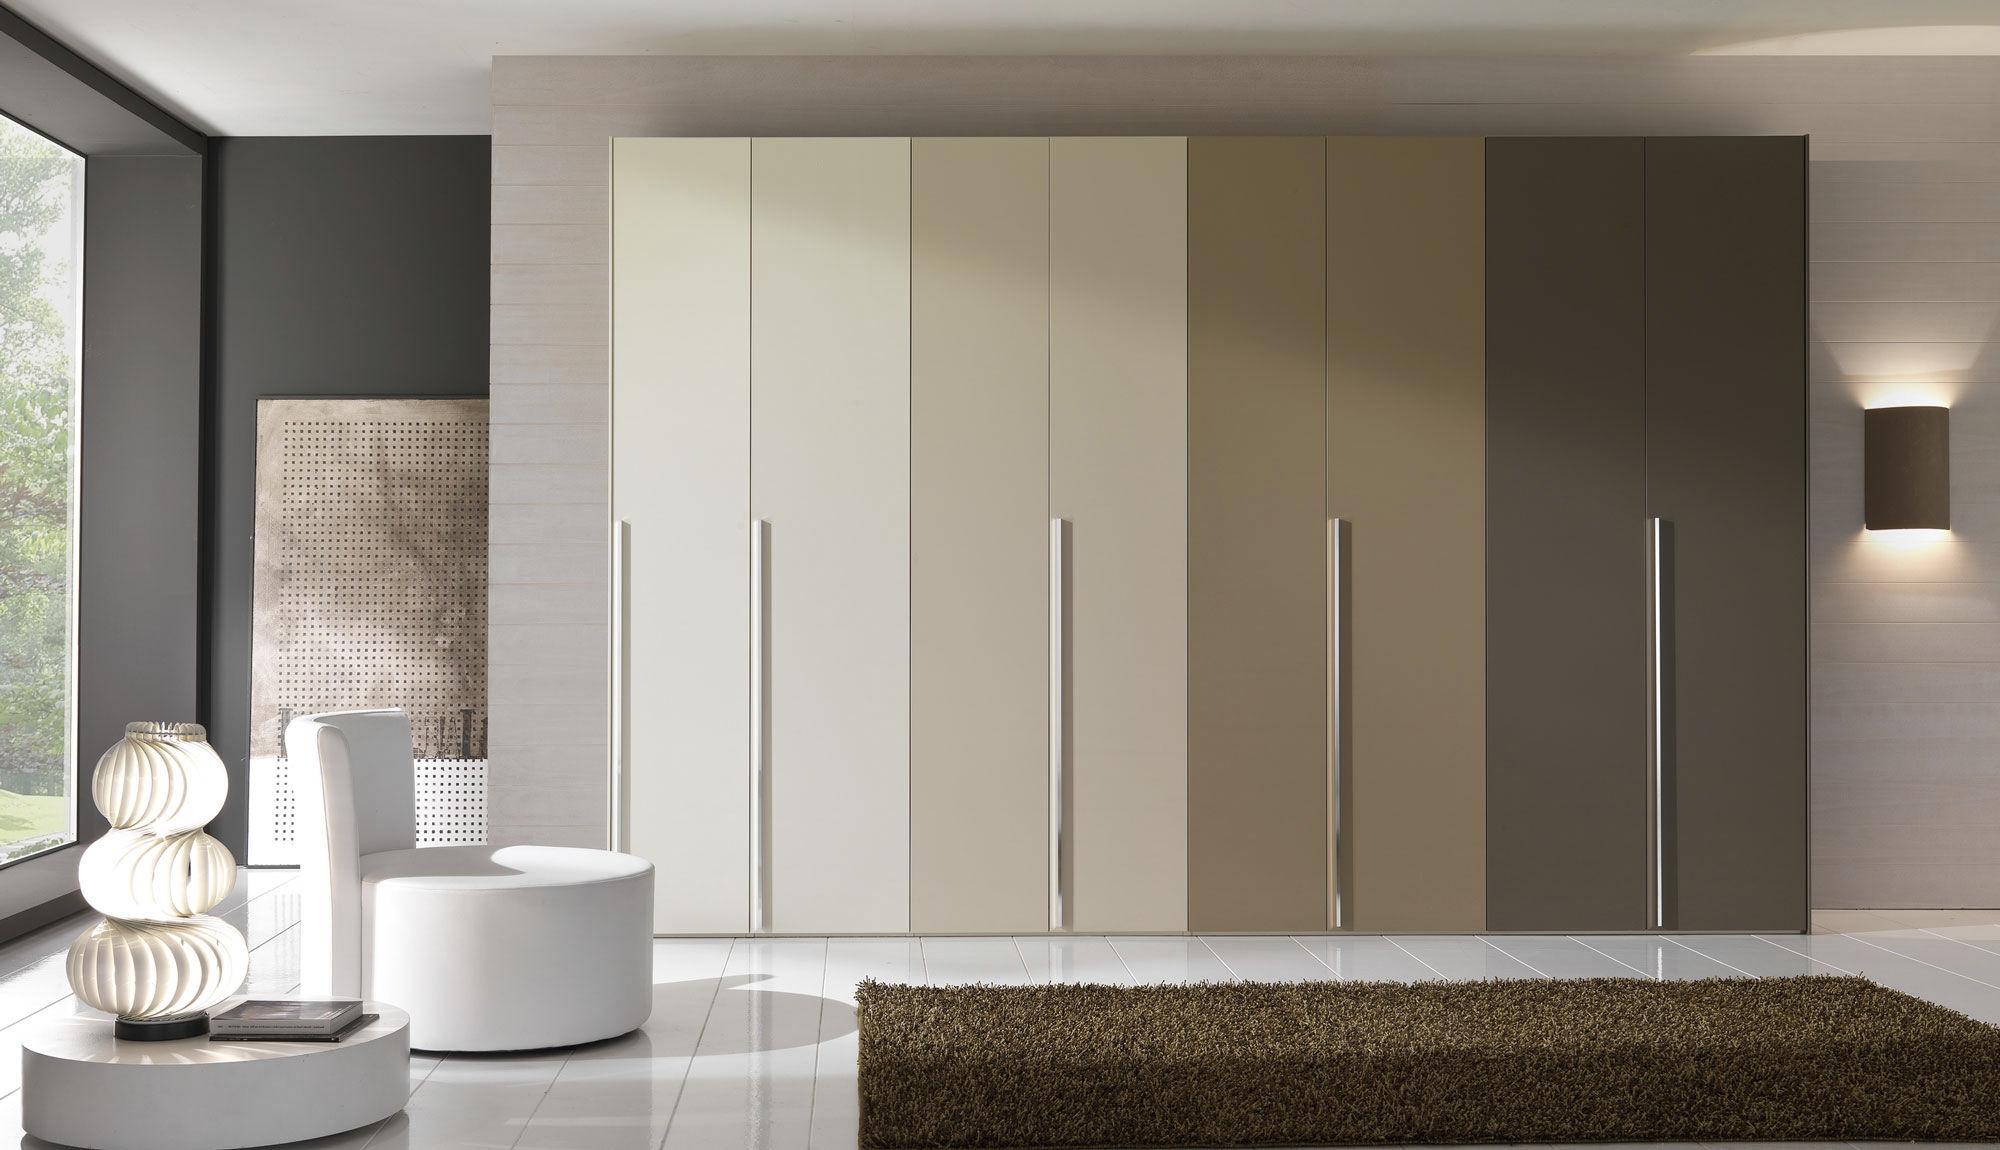 Armadiatura Tutto Mobili Arredamento Camere Cucine Ufficio Roma #5D503D 2000 1150 Mobiletto Multiuso Legno